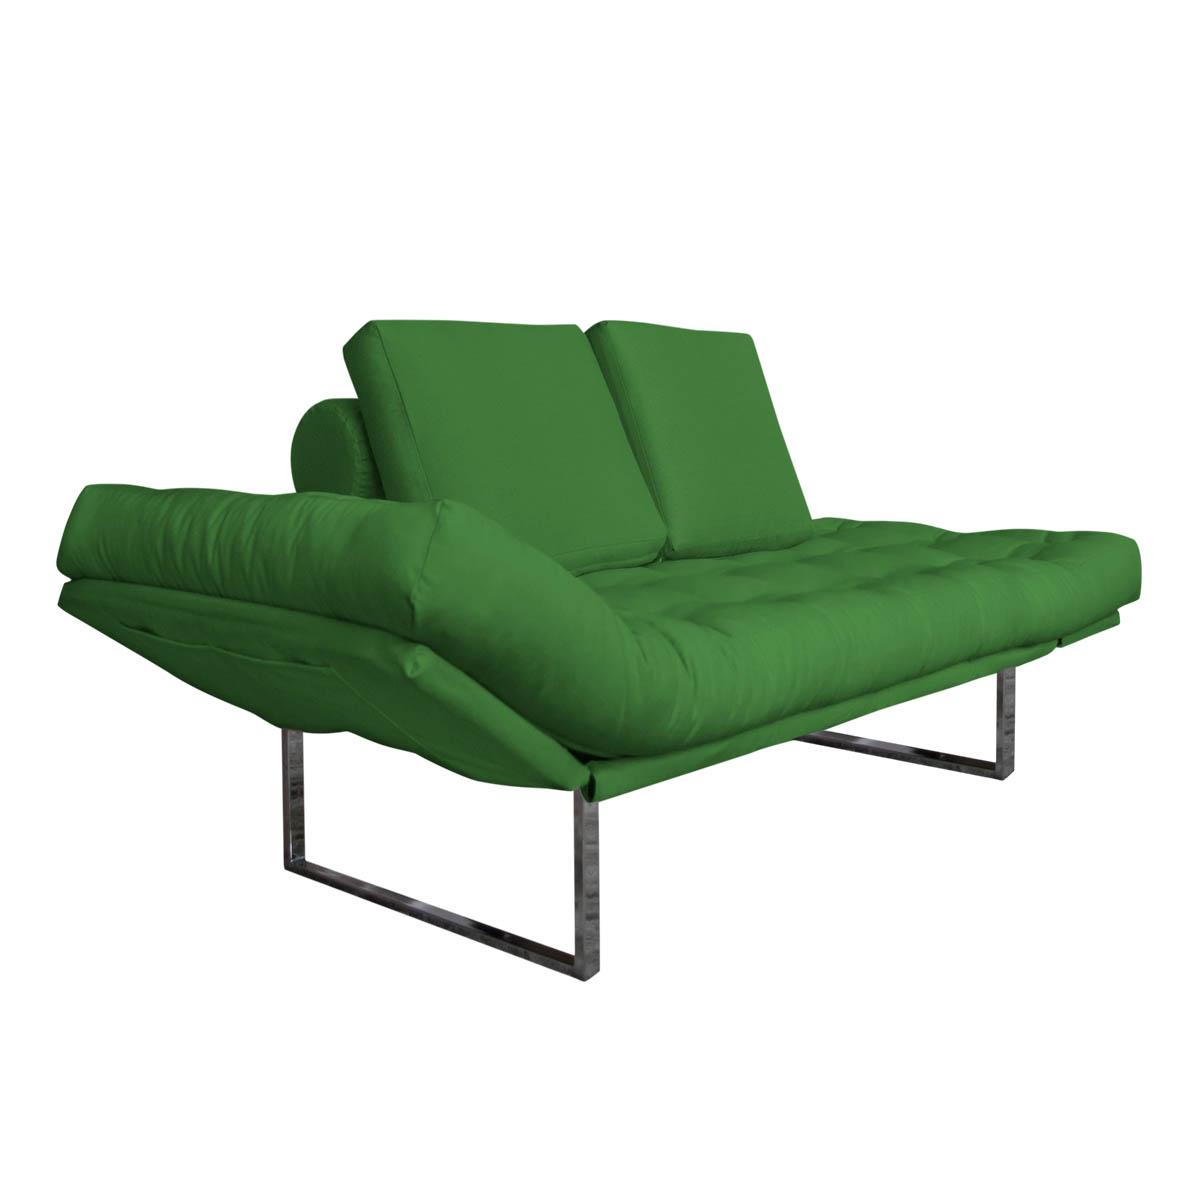 Sofa cama 2 lugares futon company for Sofa cama monoplaza